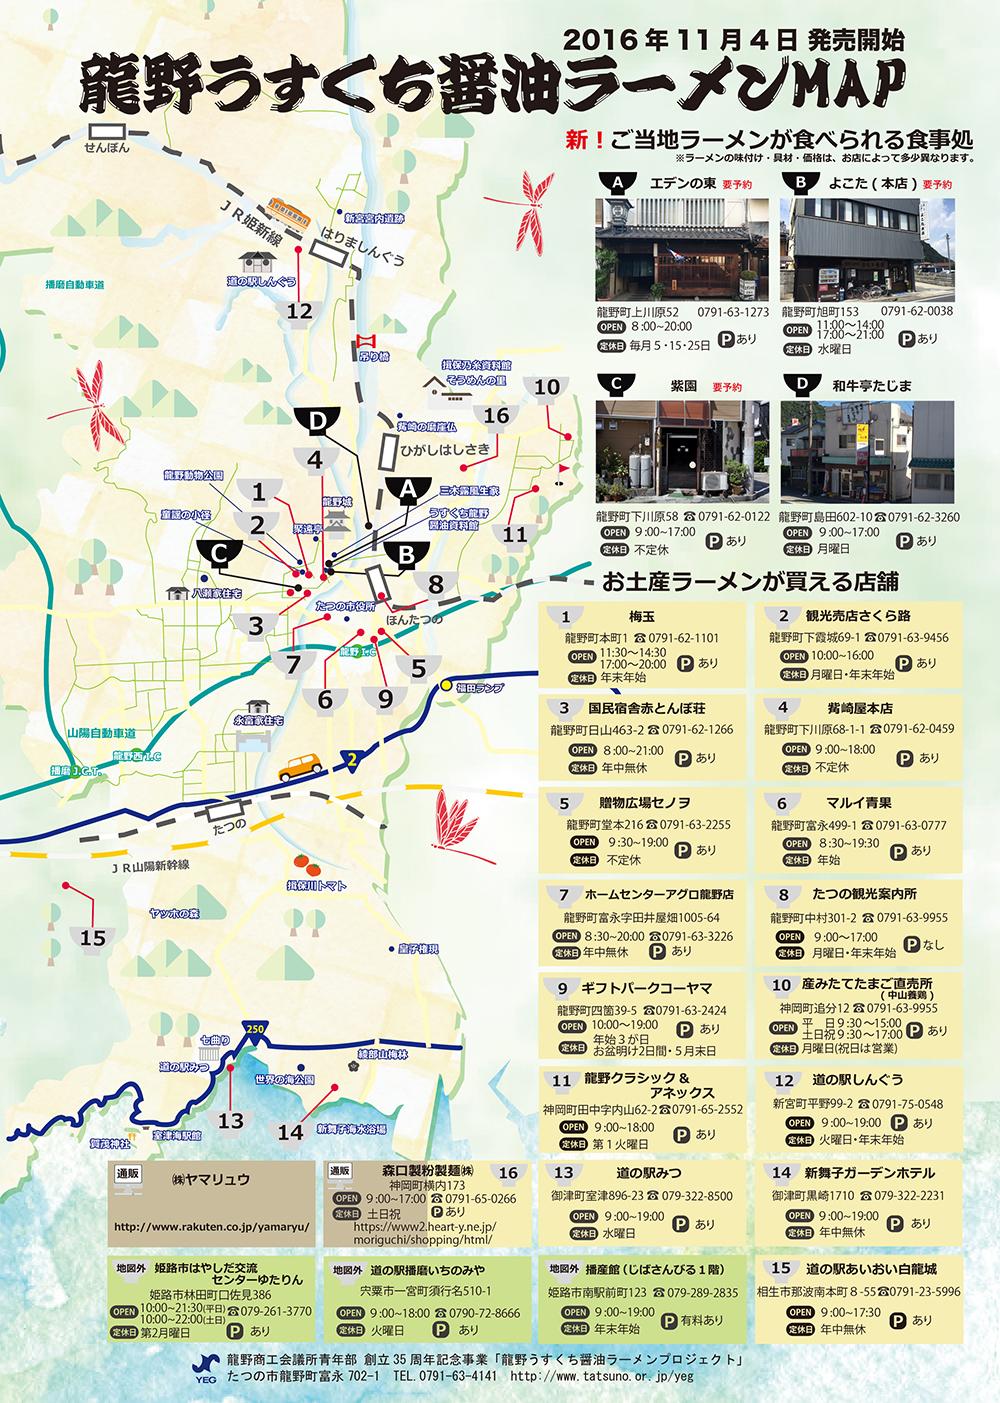 たつのmap_5